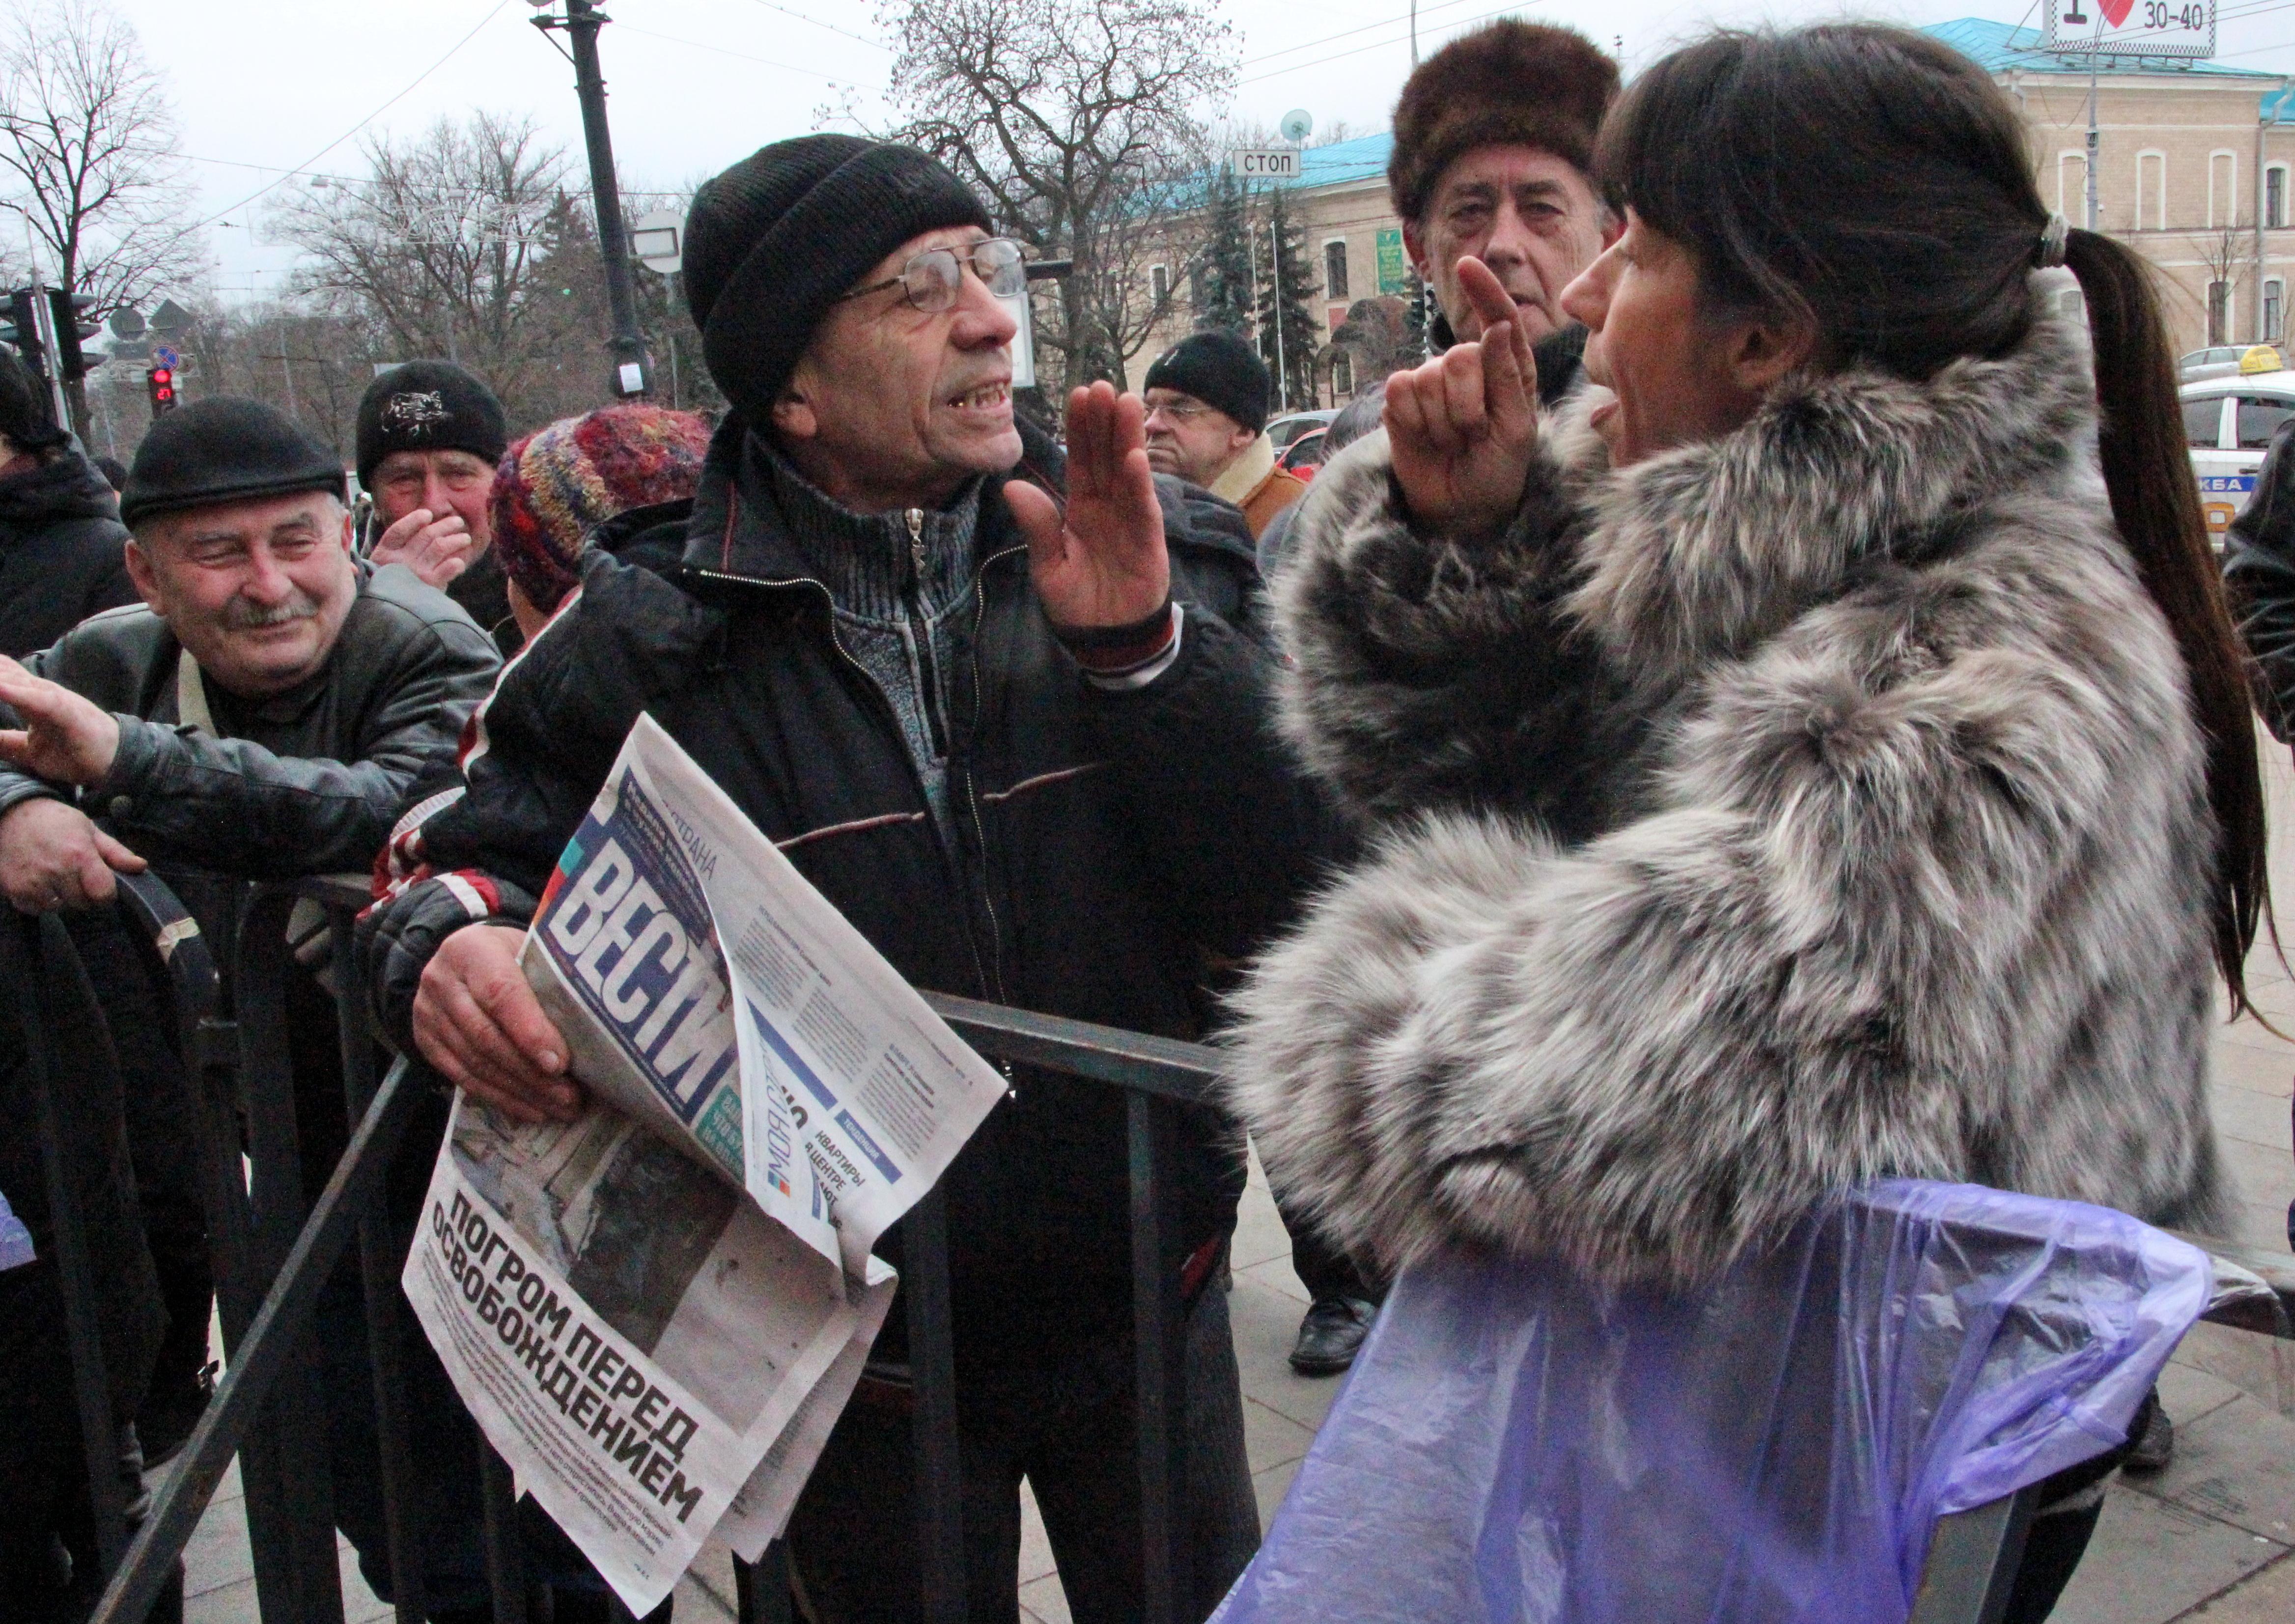 Харьков. Споры у здания областной администрации, занятой сторонниками Майдана. Март 2014